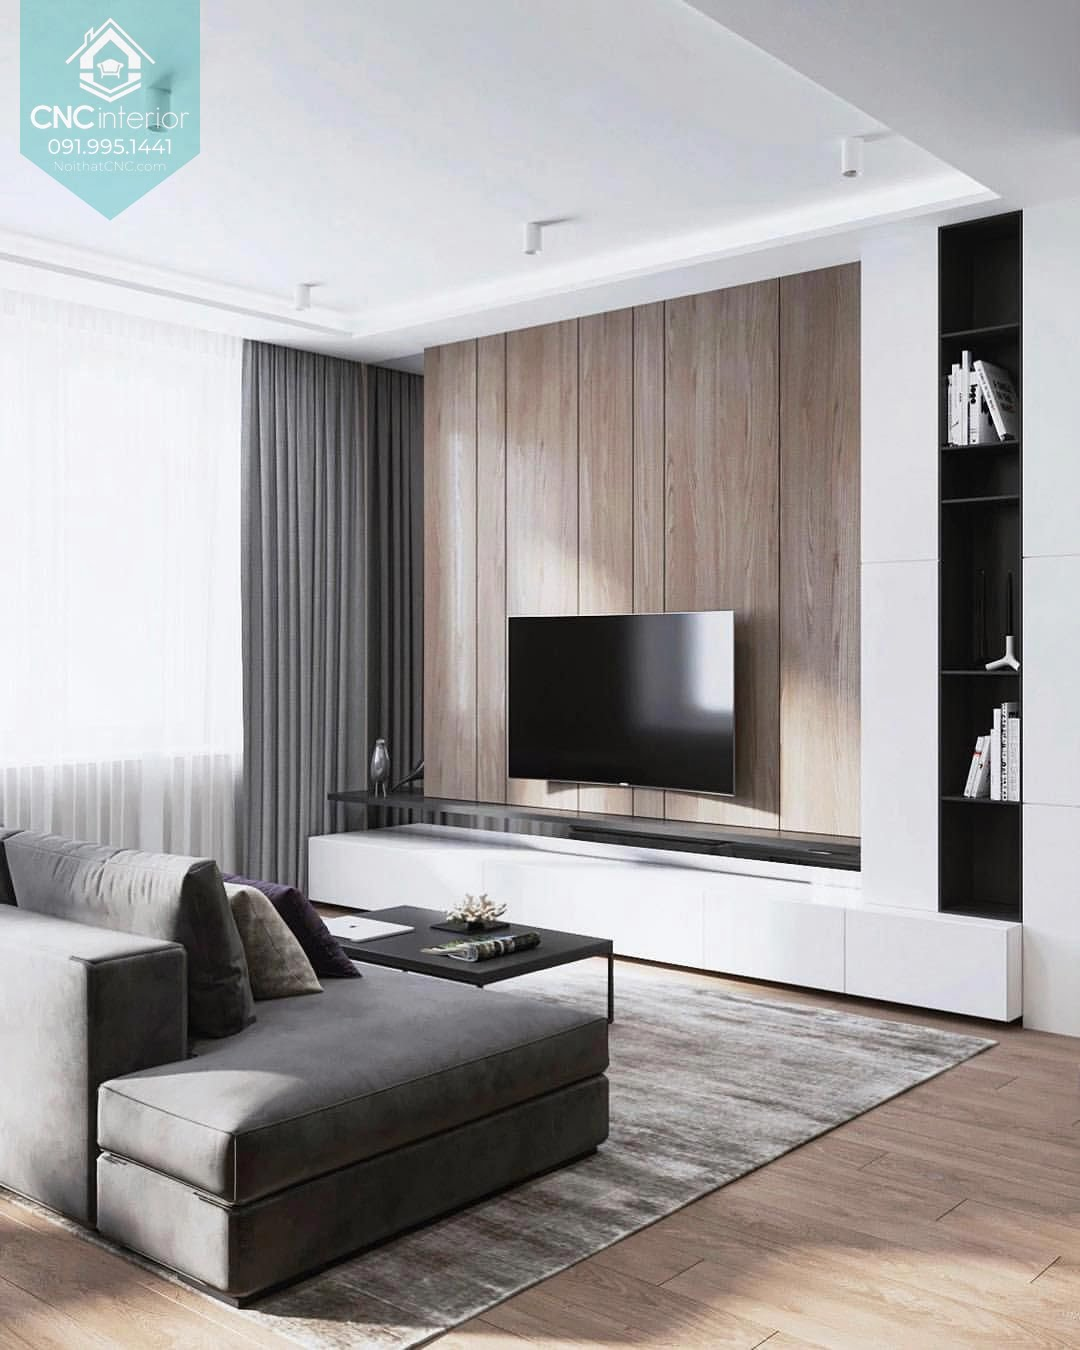 Trang trí tường phòng khách bằng gỗ 3